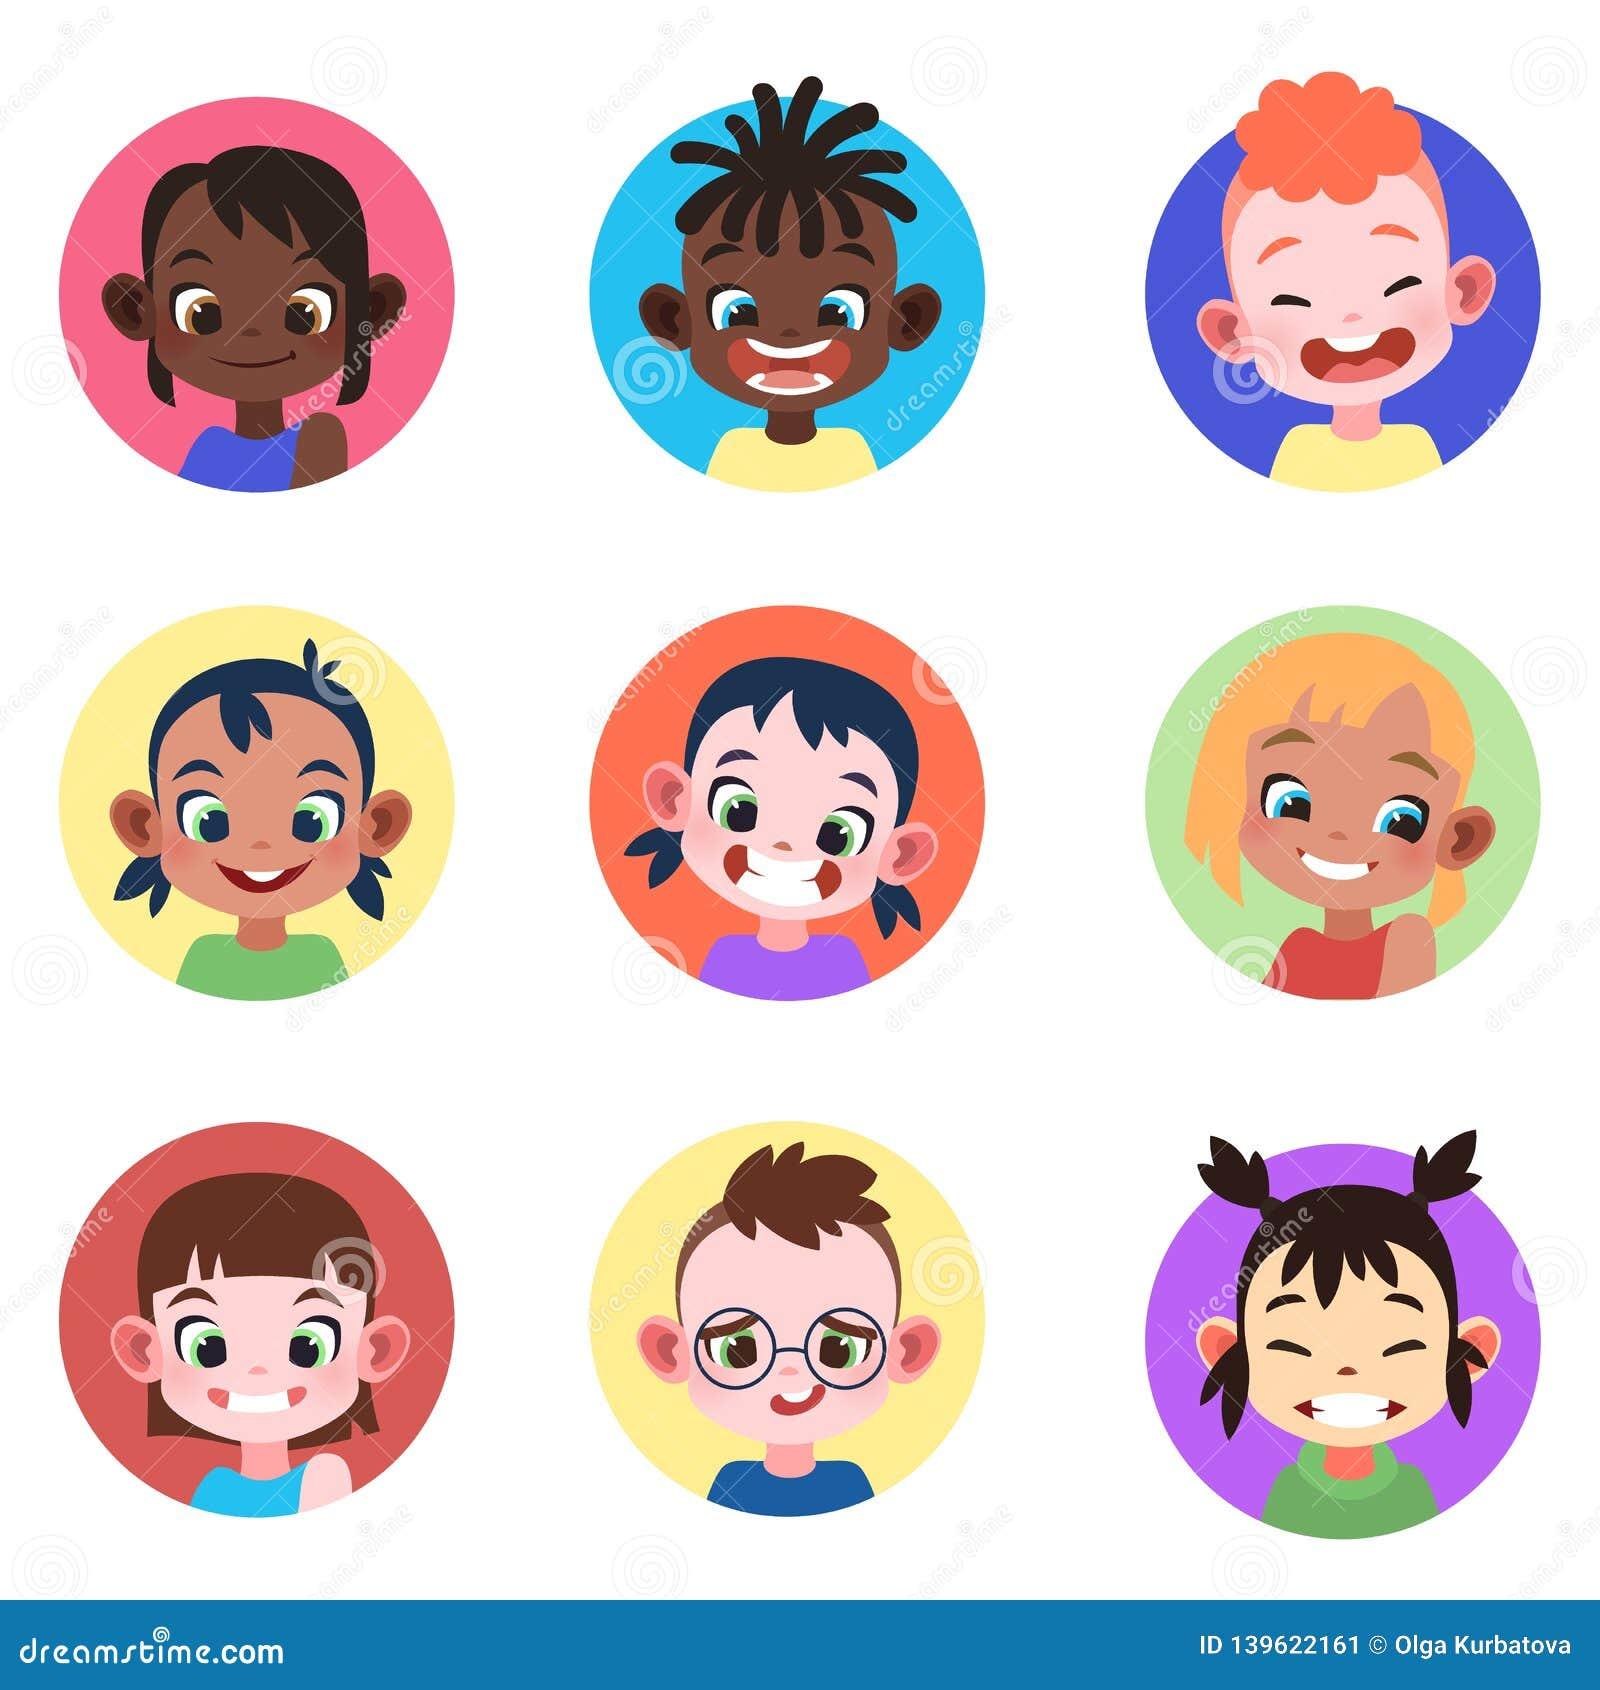 Воплощение детей Воплощений девушек мальчиков детей детства сторон пользователь интернета характера портрета профиля ребенка милы